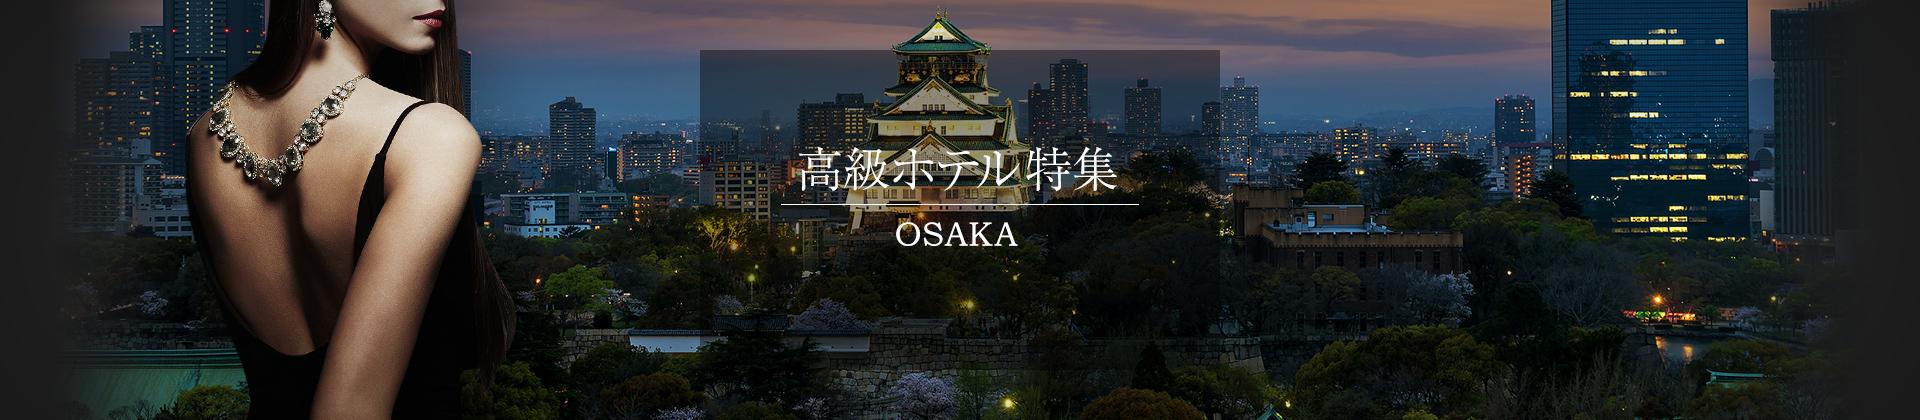 高級ホテル特集 (大阪)